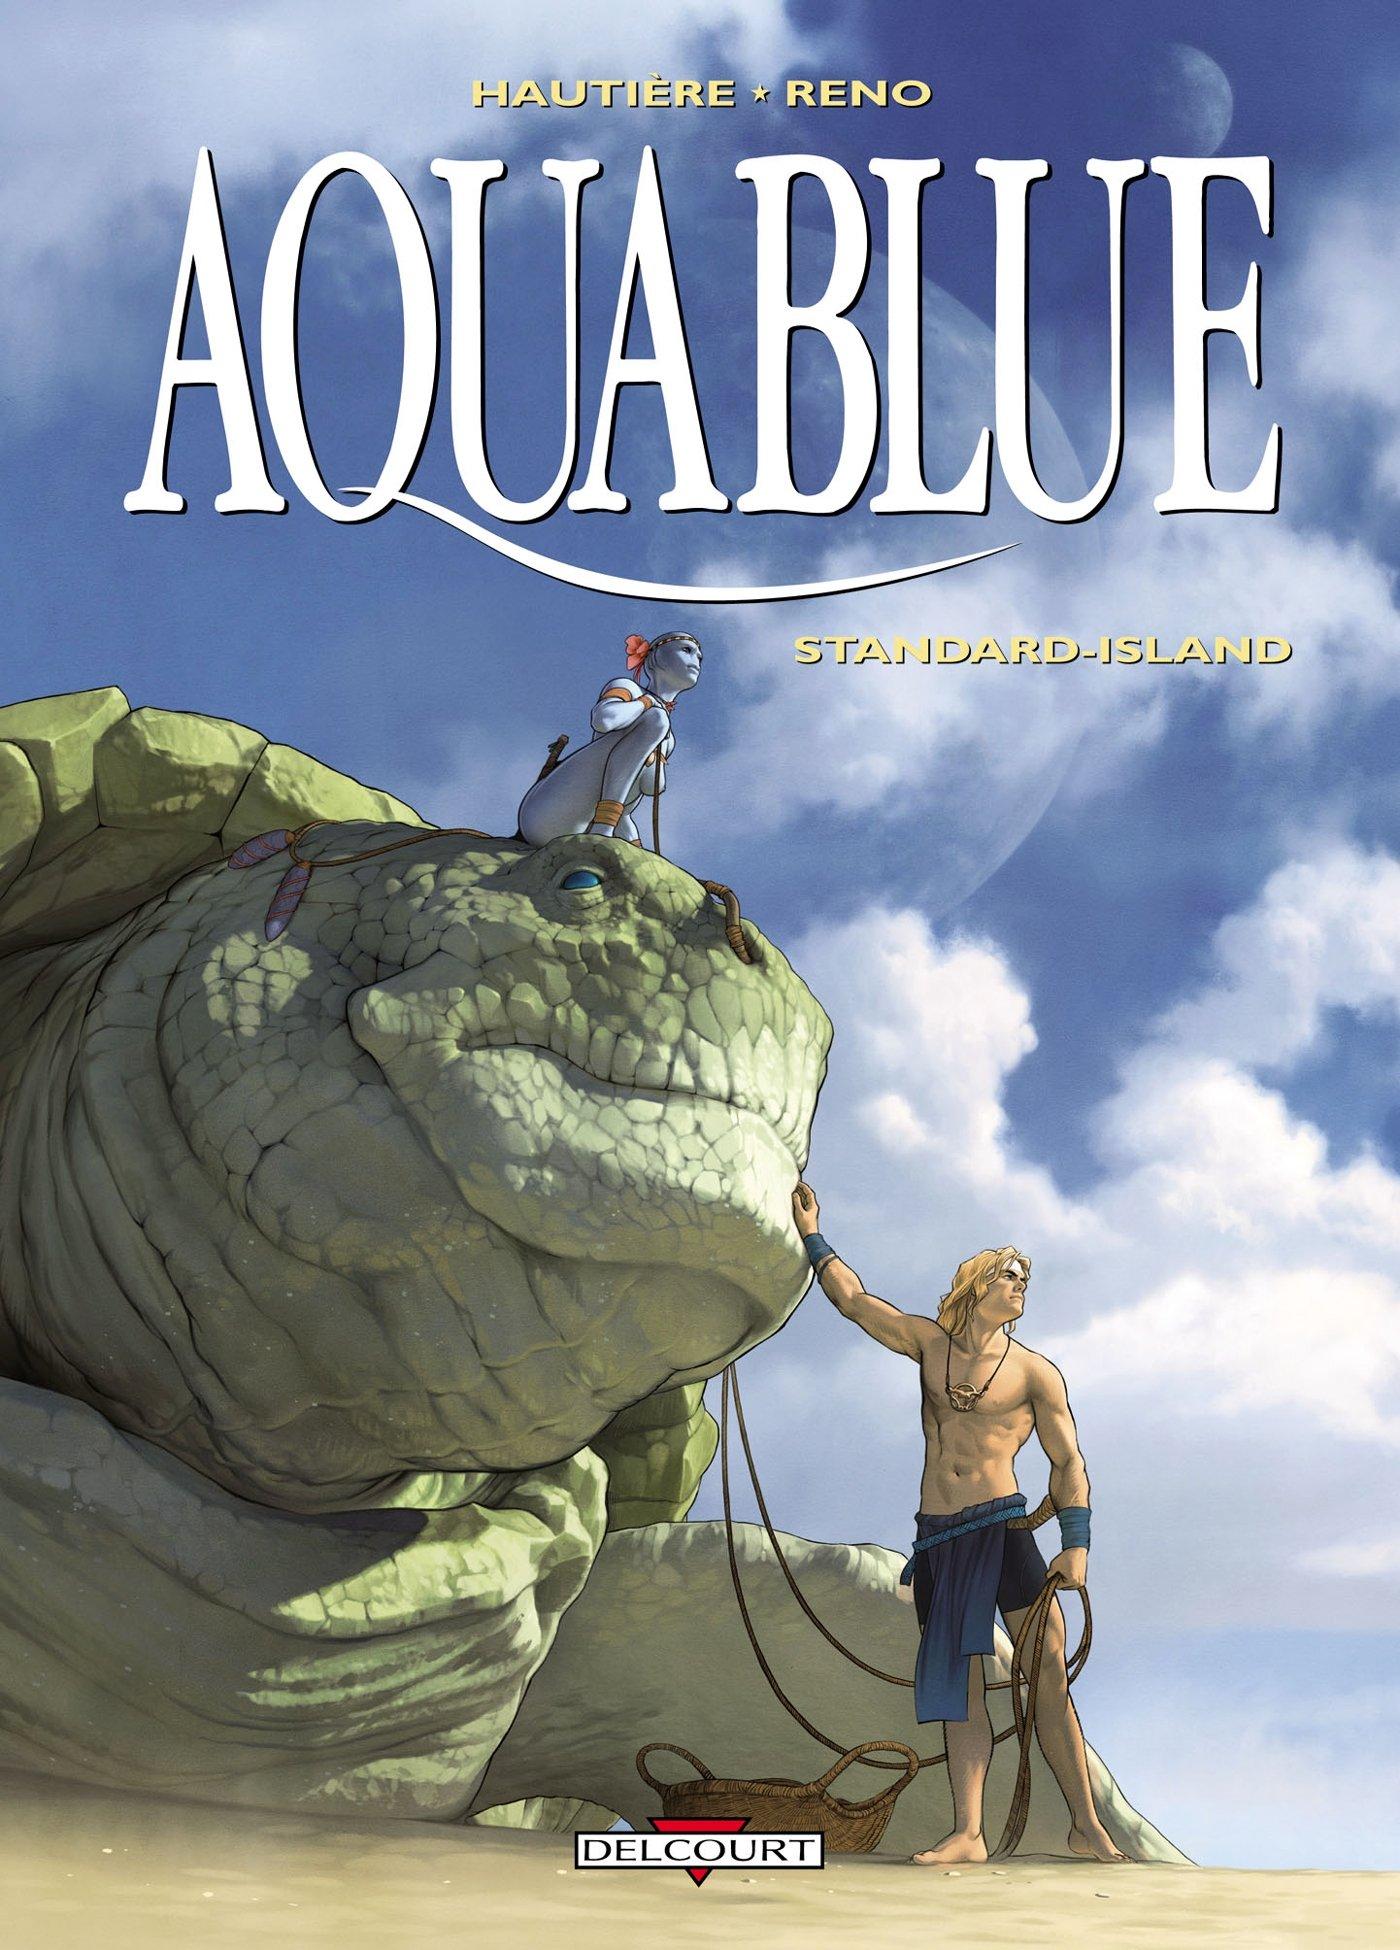 Aquablue T14: Standard-Island Album – 23 octobre 2013 Régis Hautière Reno Delcourt 2756032700